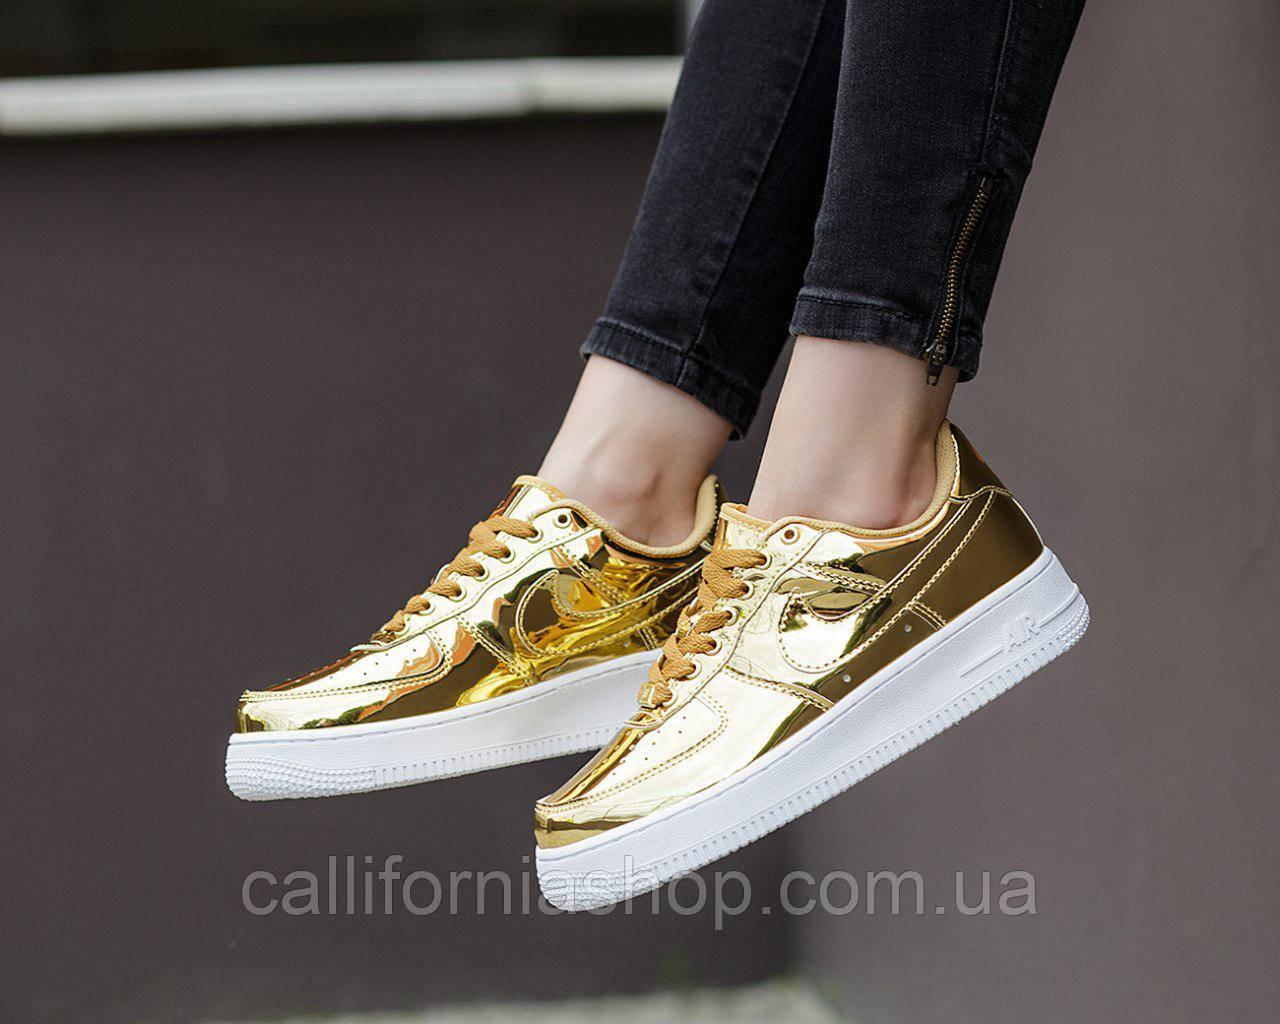 Оригинальные женские золотые кроссовки Nike Air Force 1 SP Liquid Metal Gold  Найк Аир Форс 1